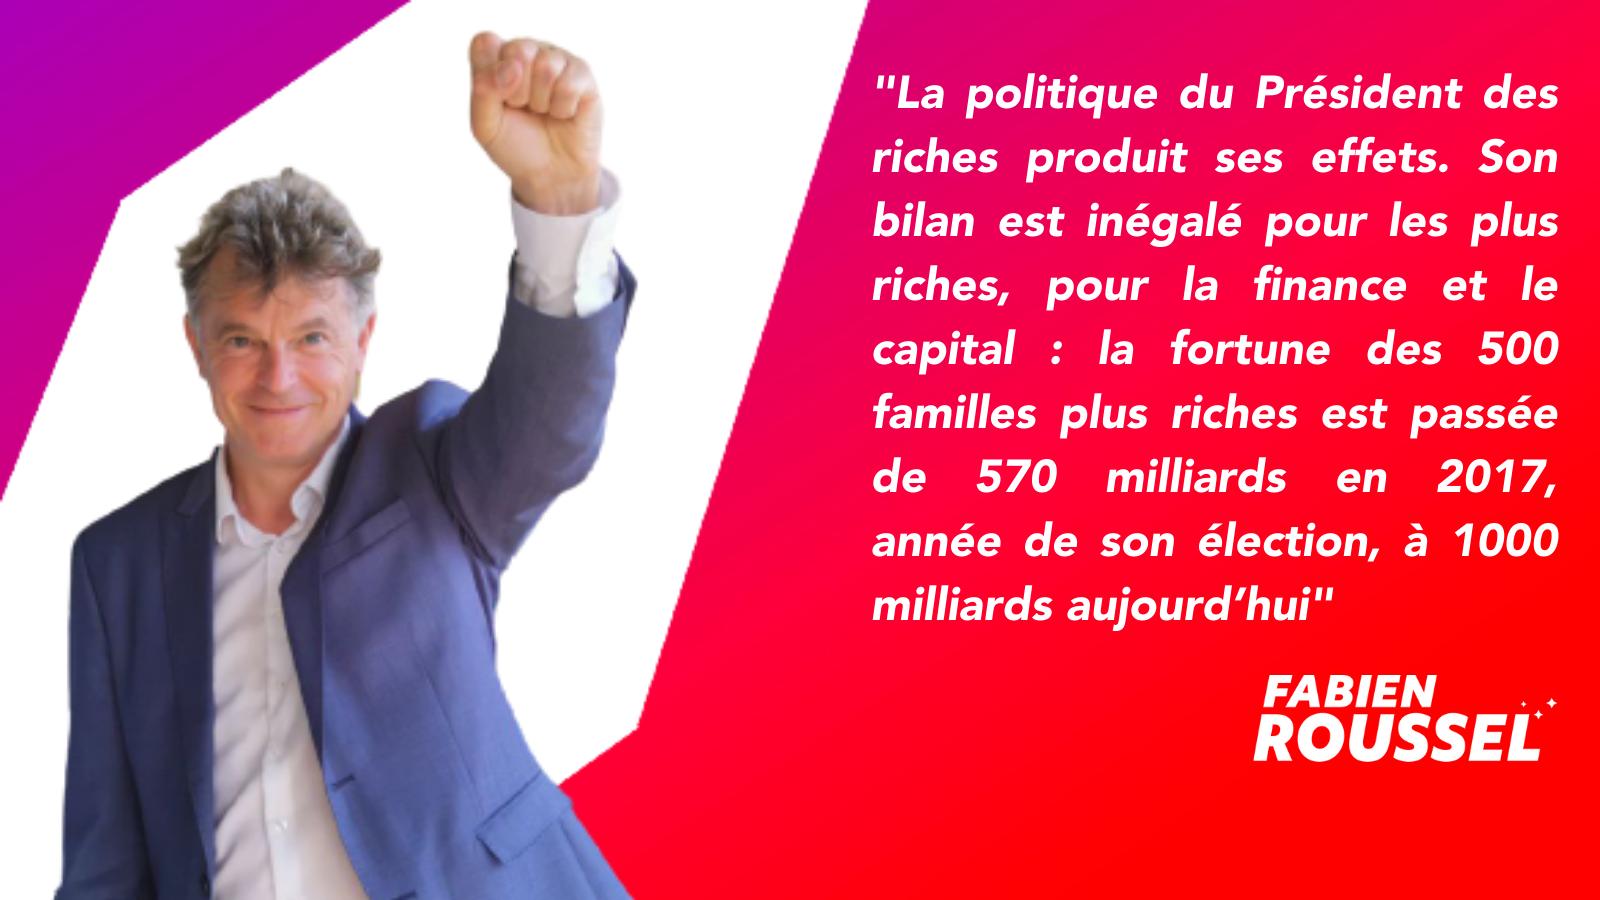 500 plus grandes fortunes de France : « Ils pillent notre argent en pleine pandémie, prenons le pouvoir au capital ! » (Fabien Roussel) dans POLITIQUE